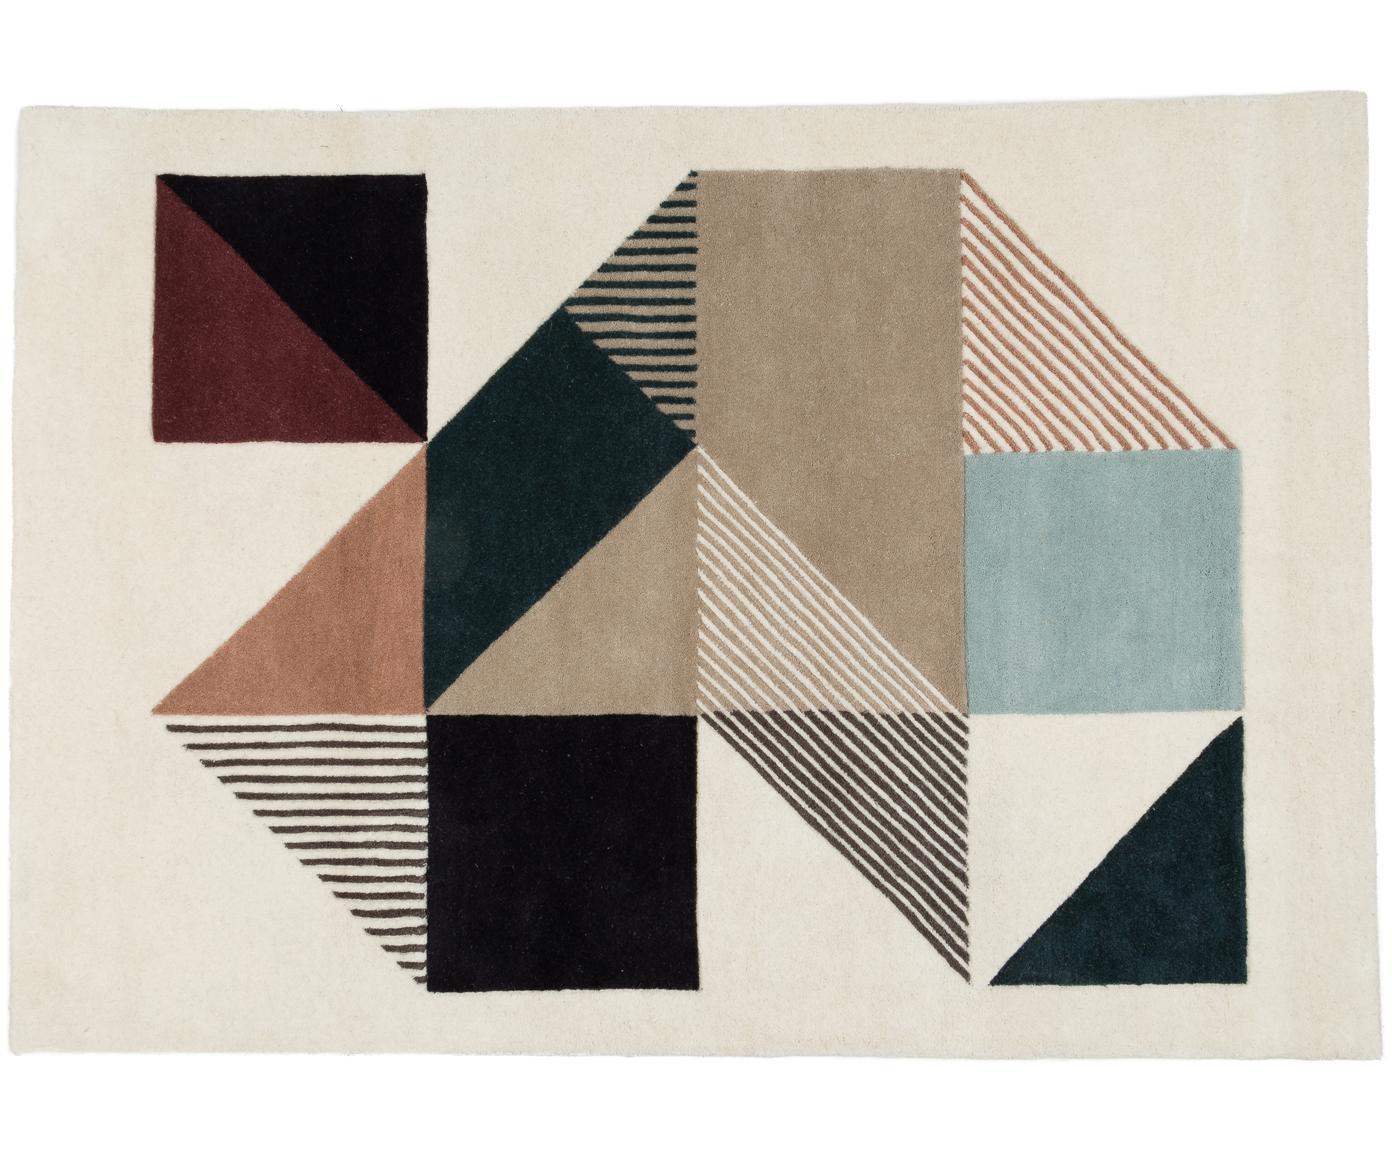 Ręcznie tuftowany dywan z wełny Mikill, Beżowy i odcienie niebieskiego, czerwony, blady różowy, czarny, S 140 x D 200 cm (Rozmiar S)